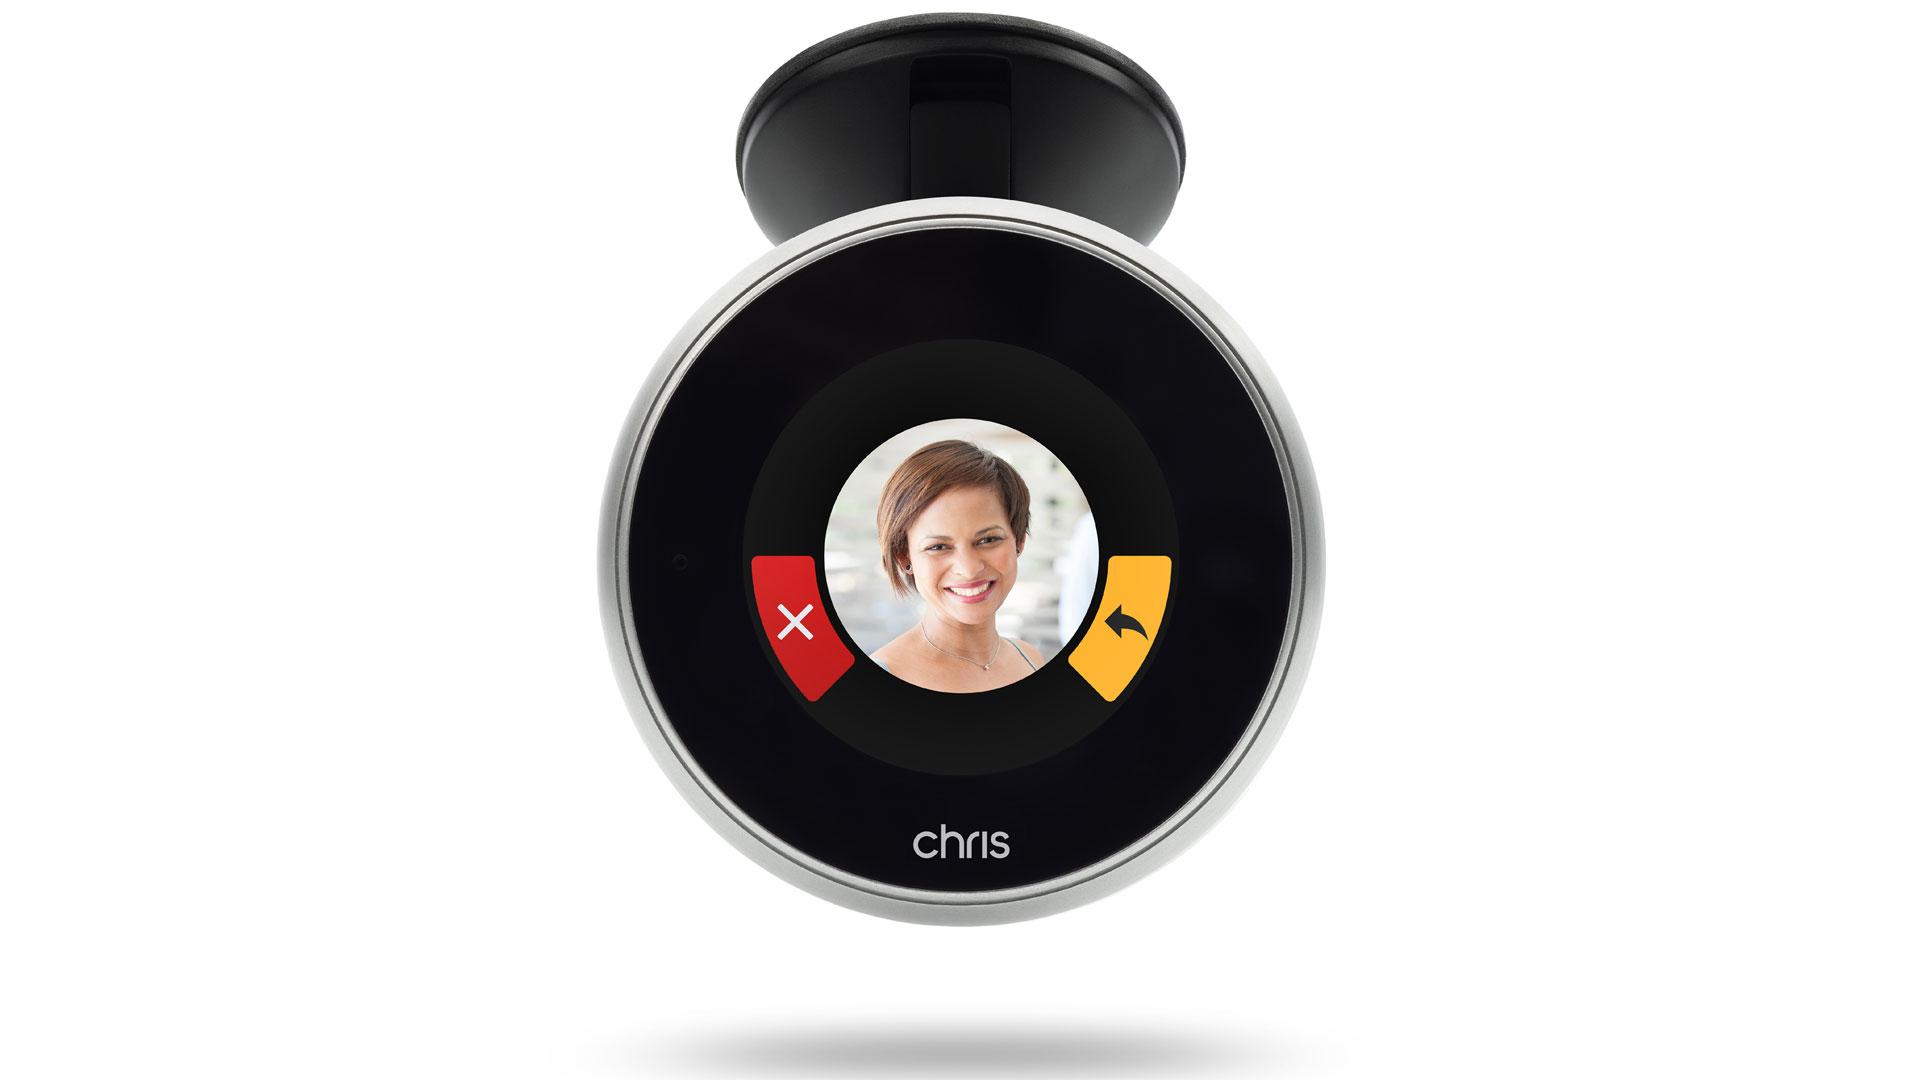 Chris in-car digital call